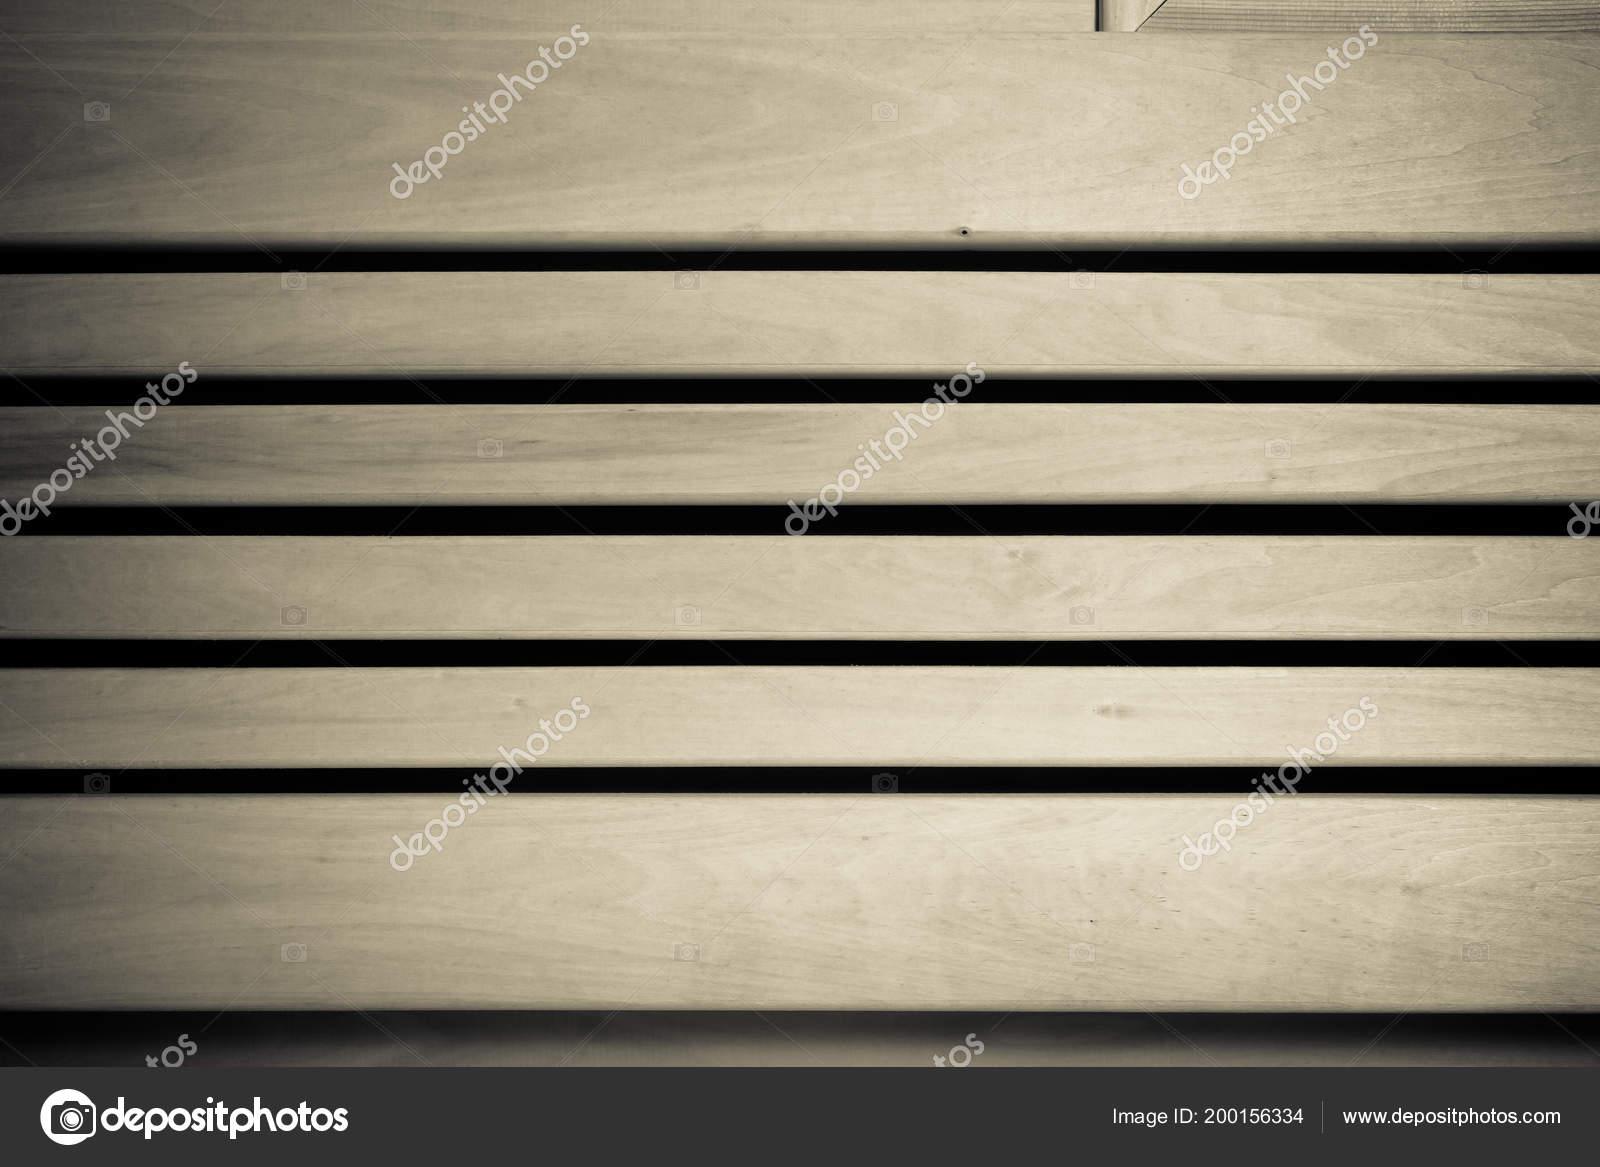 Applique legno nella sauna trama sfondo naturale tonica u2014 foto stock